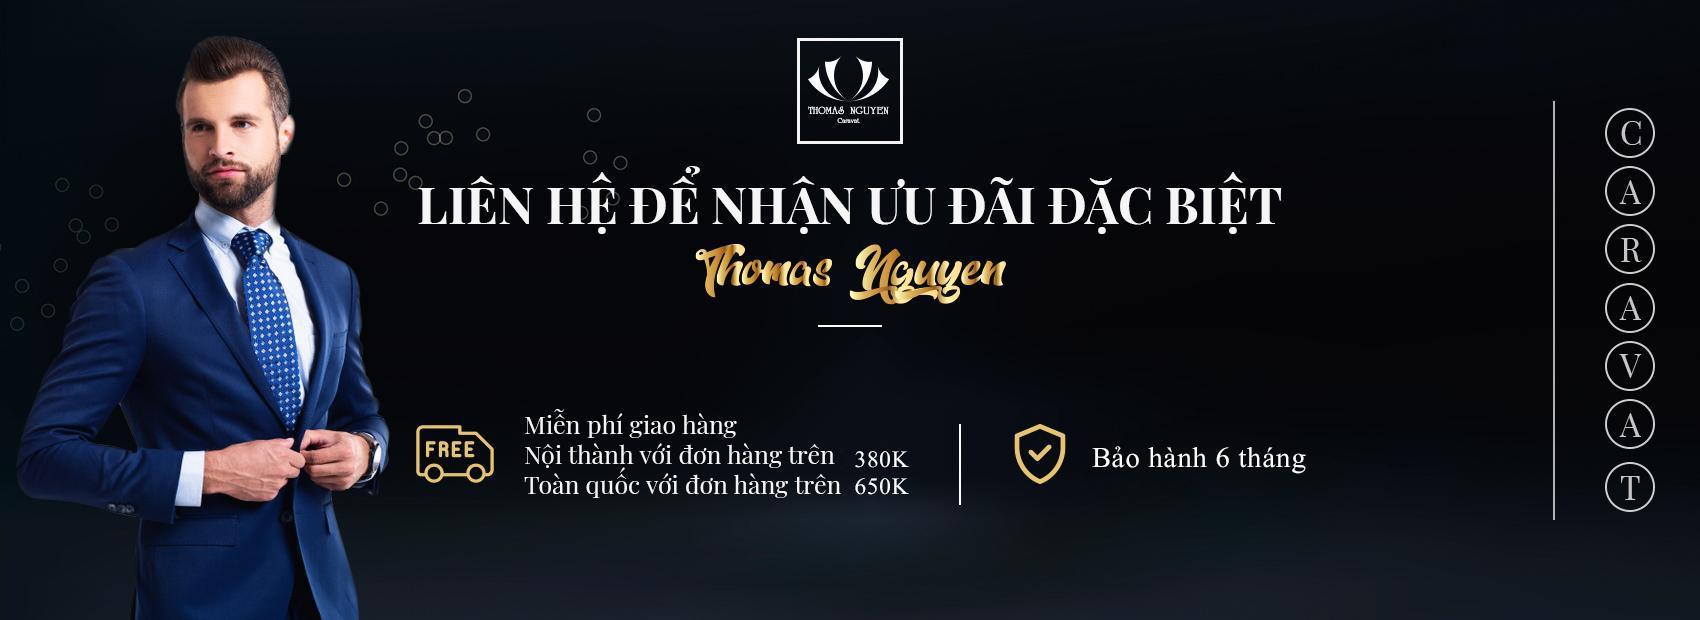 Liên hệ Thomas Nguyen để nhận ưu đãi đặc biệt